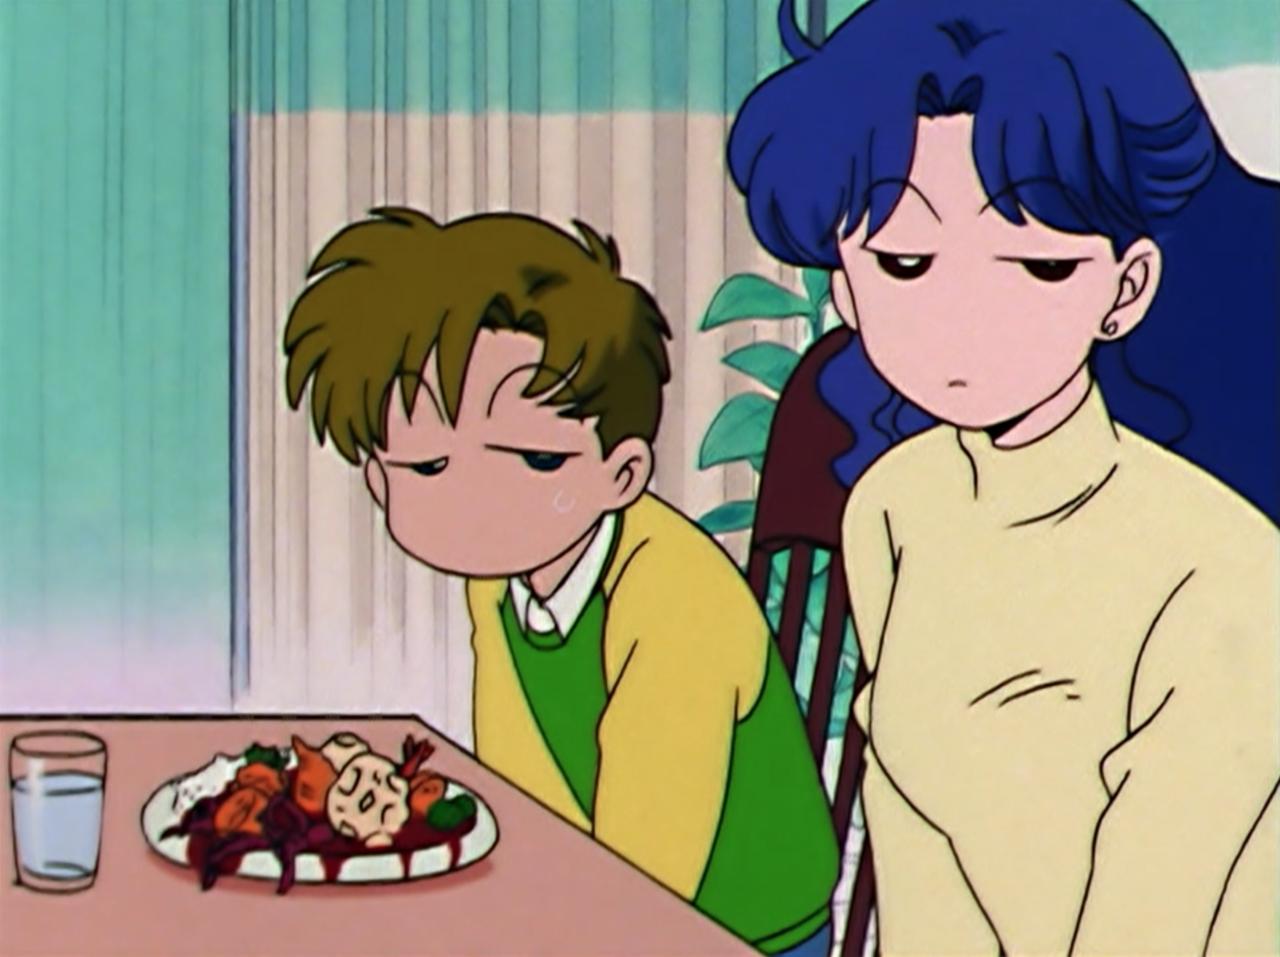 sailor moon, 90s anime, and shingo tsukino image